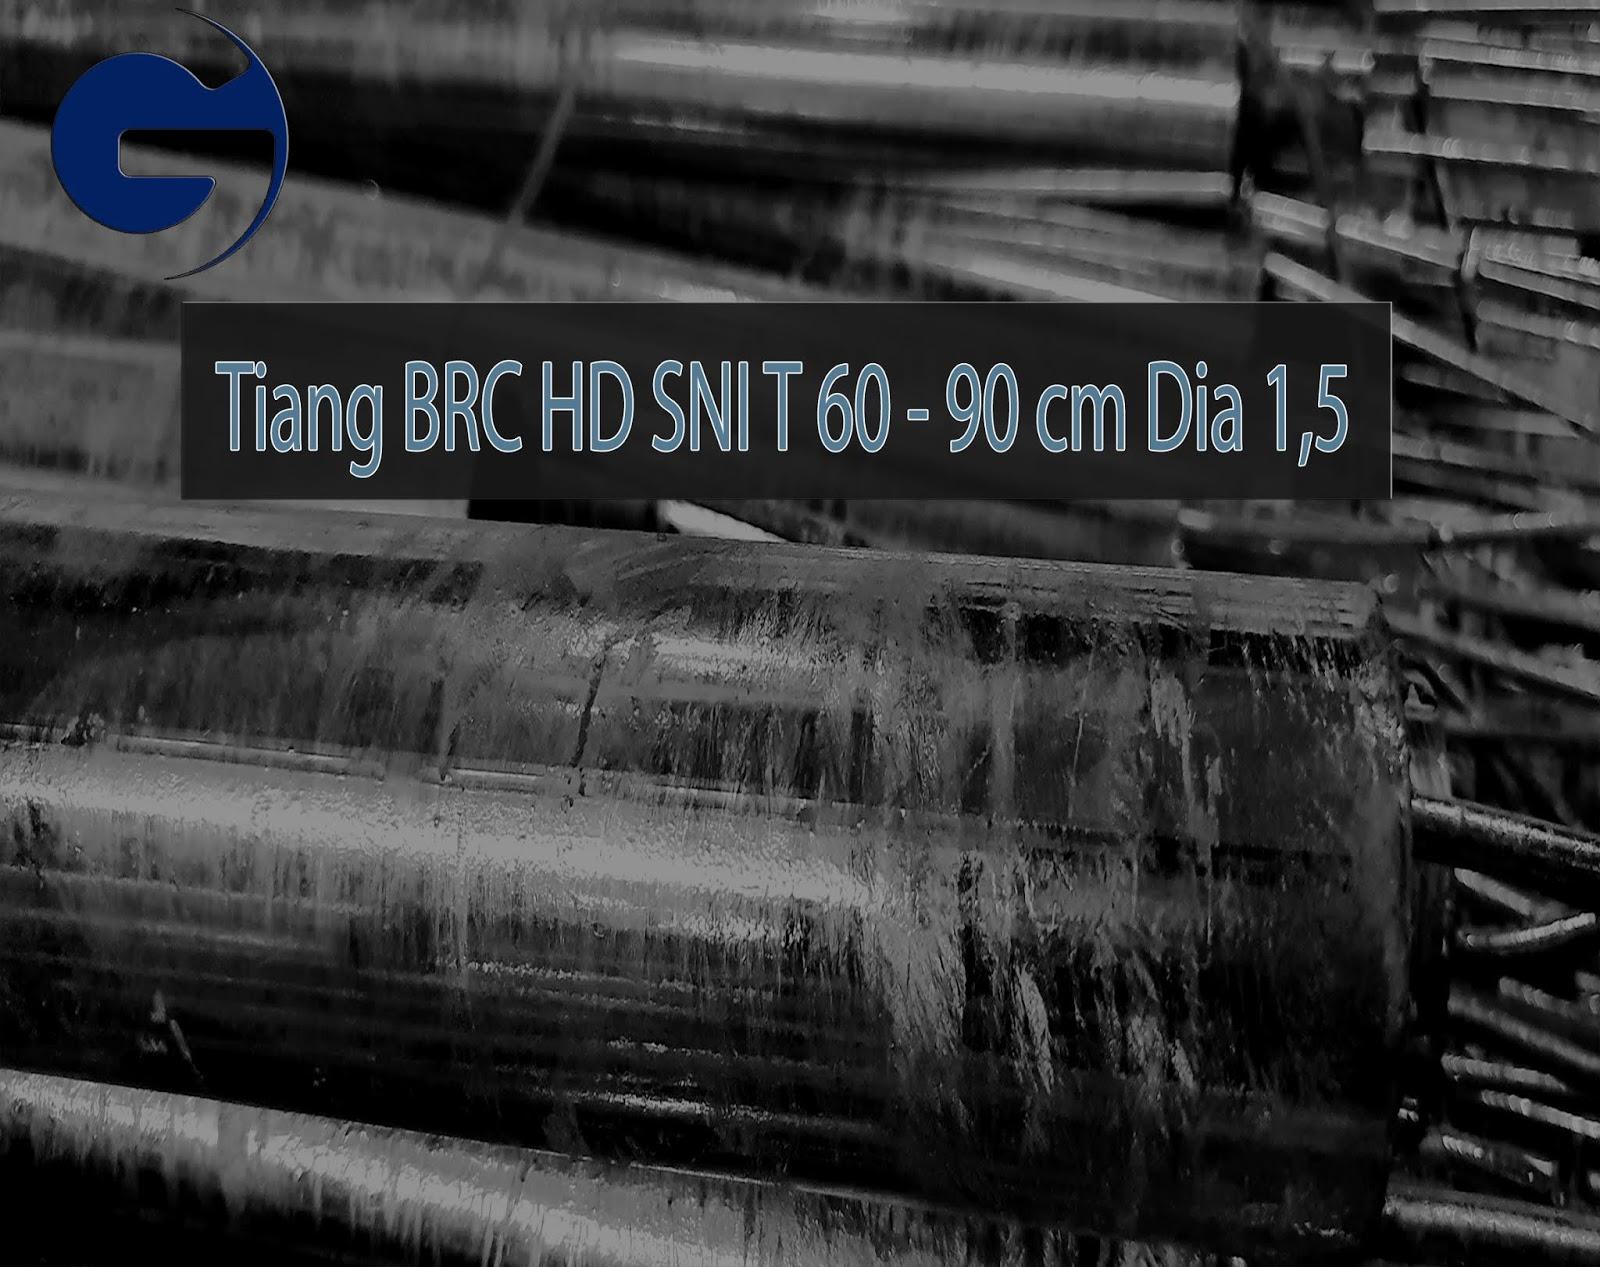 Jual Tiang BRC HDG SNI T 90 CM Dia 1.5 Inch